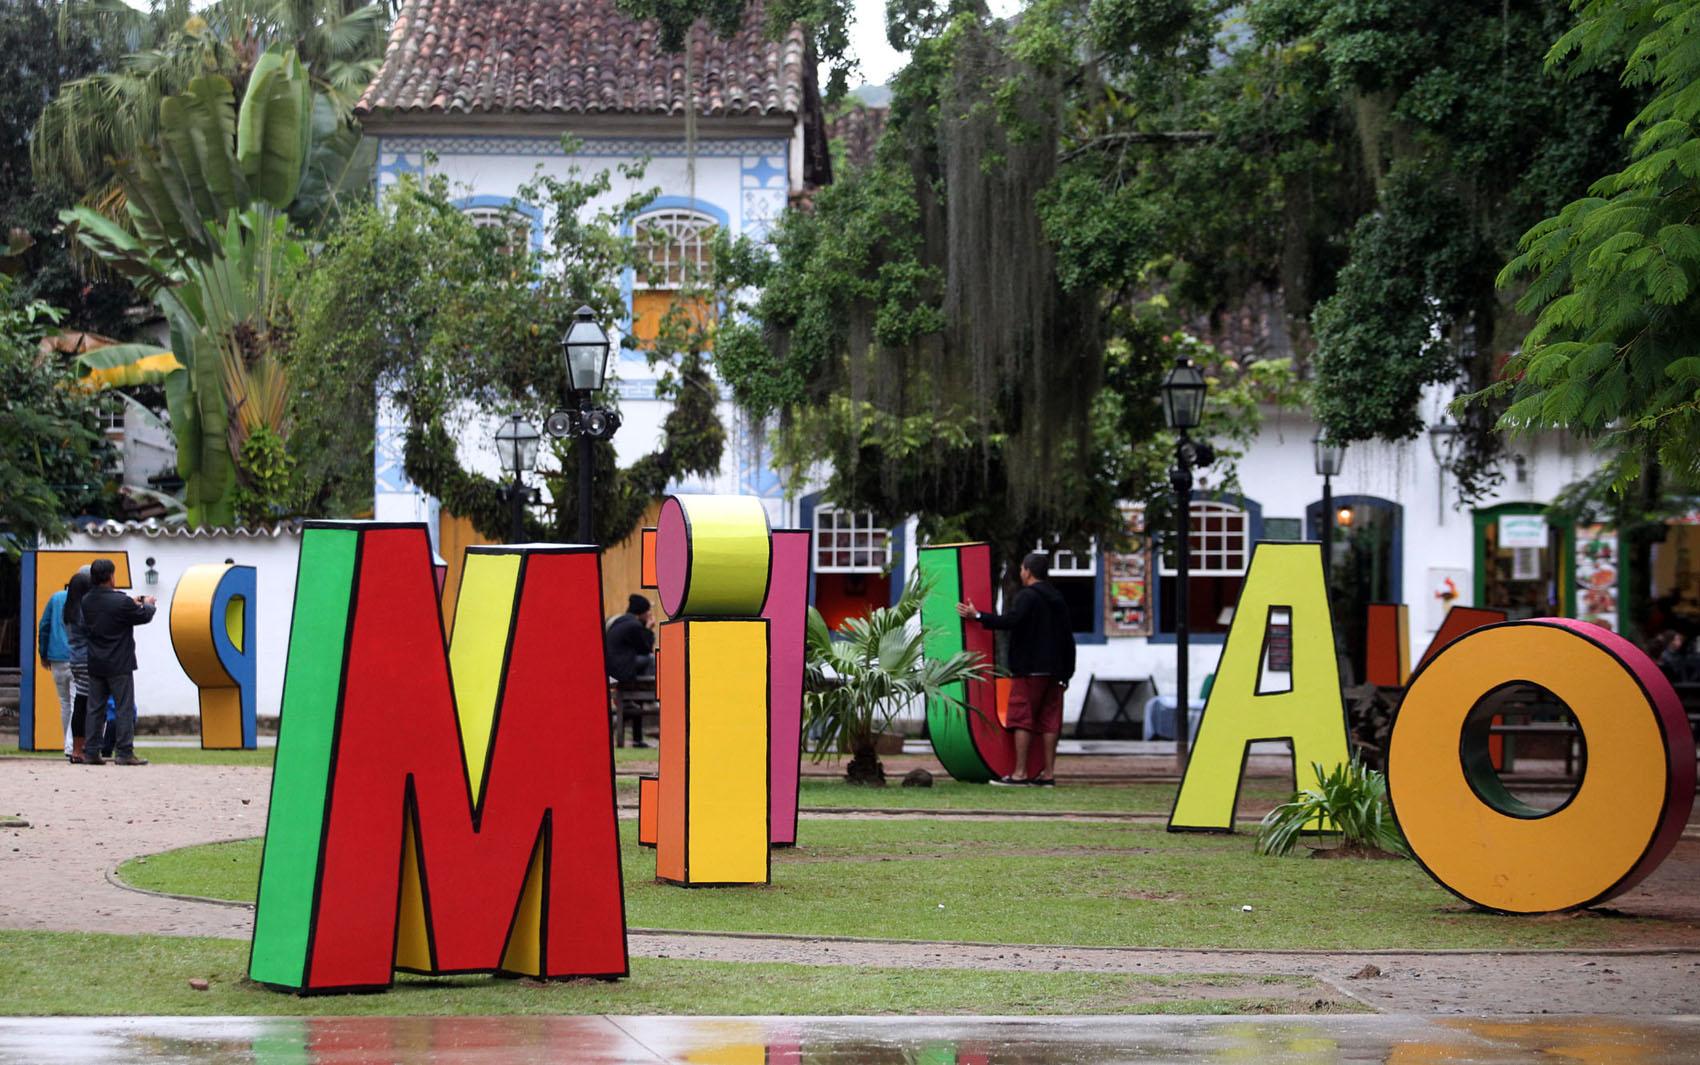 Letras gigantes foram colocadas em Paraty para a 12ª edição da Flip, que começa na quarta-feira (30) e homenageia Millôr Fernandes